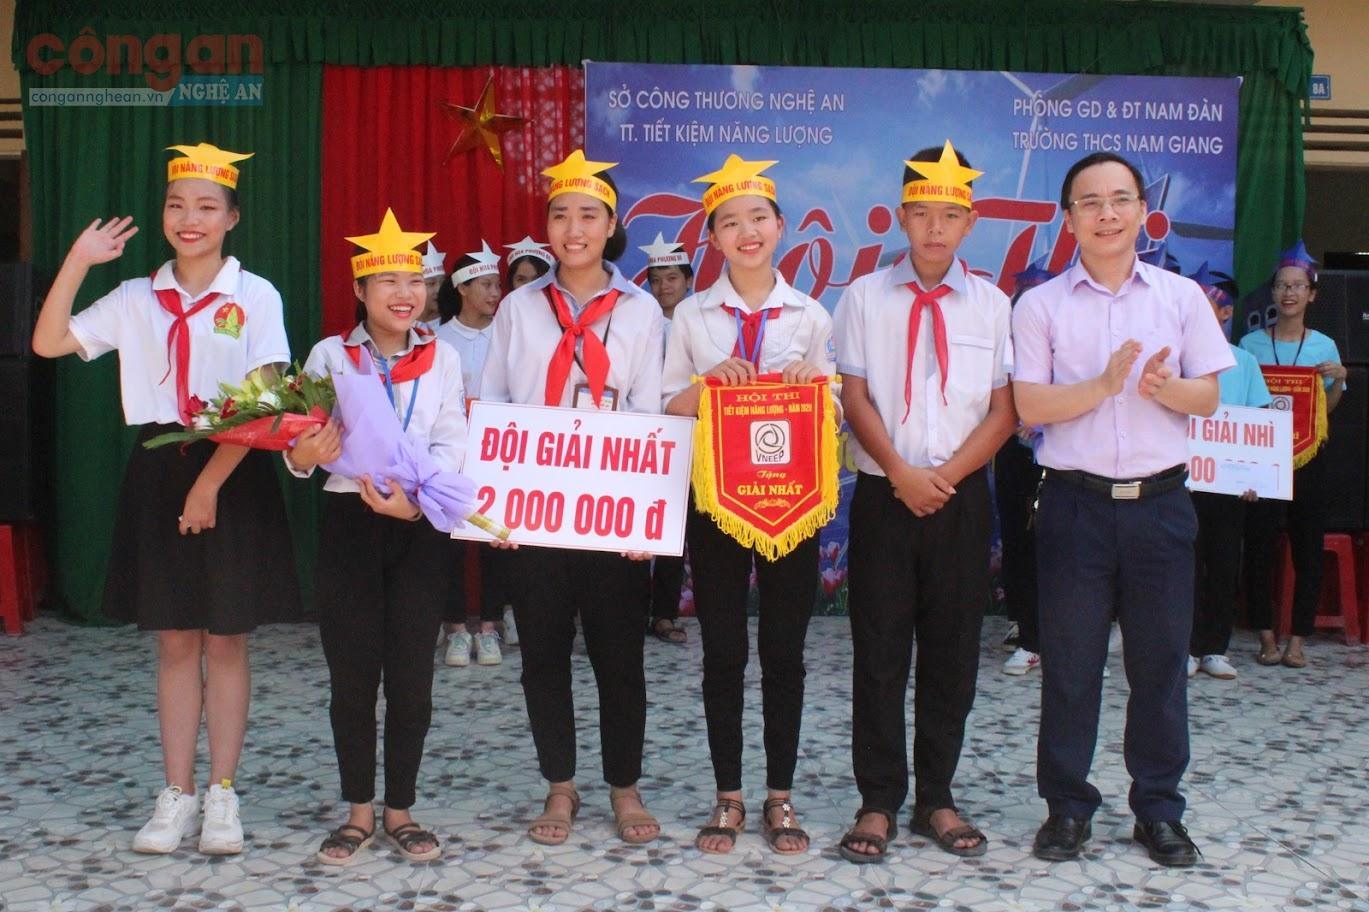 Ông Mai Anh Tuấn, Phó Giám đốc Trung tâm Tiết kiệm năng lượng, Sở Công Thương trao phần thưởng cho đội đạt giải Nhất Hội thi tuyên truyền tiết kiệm năng lượng trong trường học